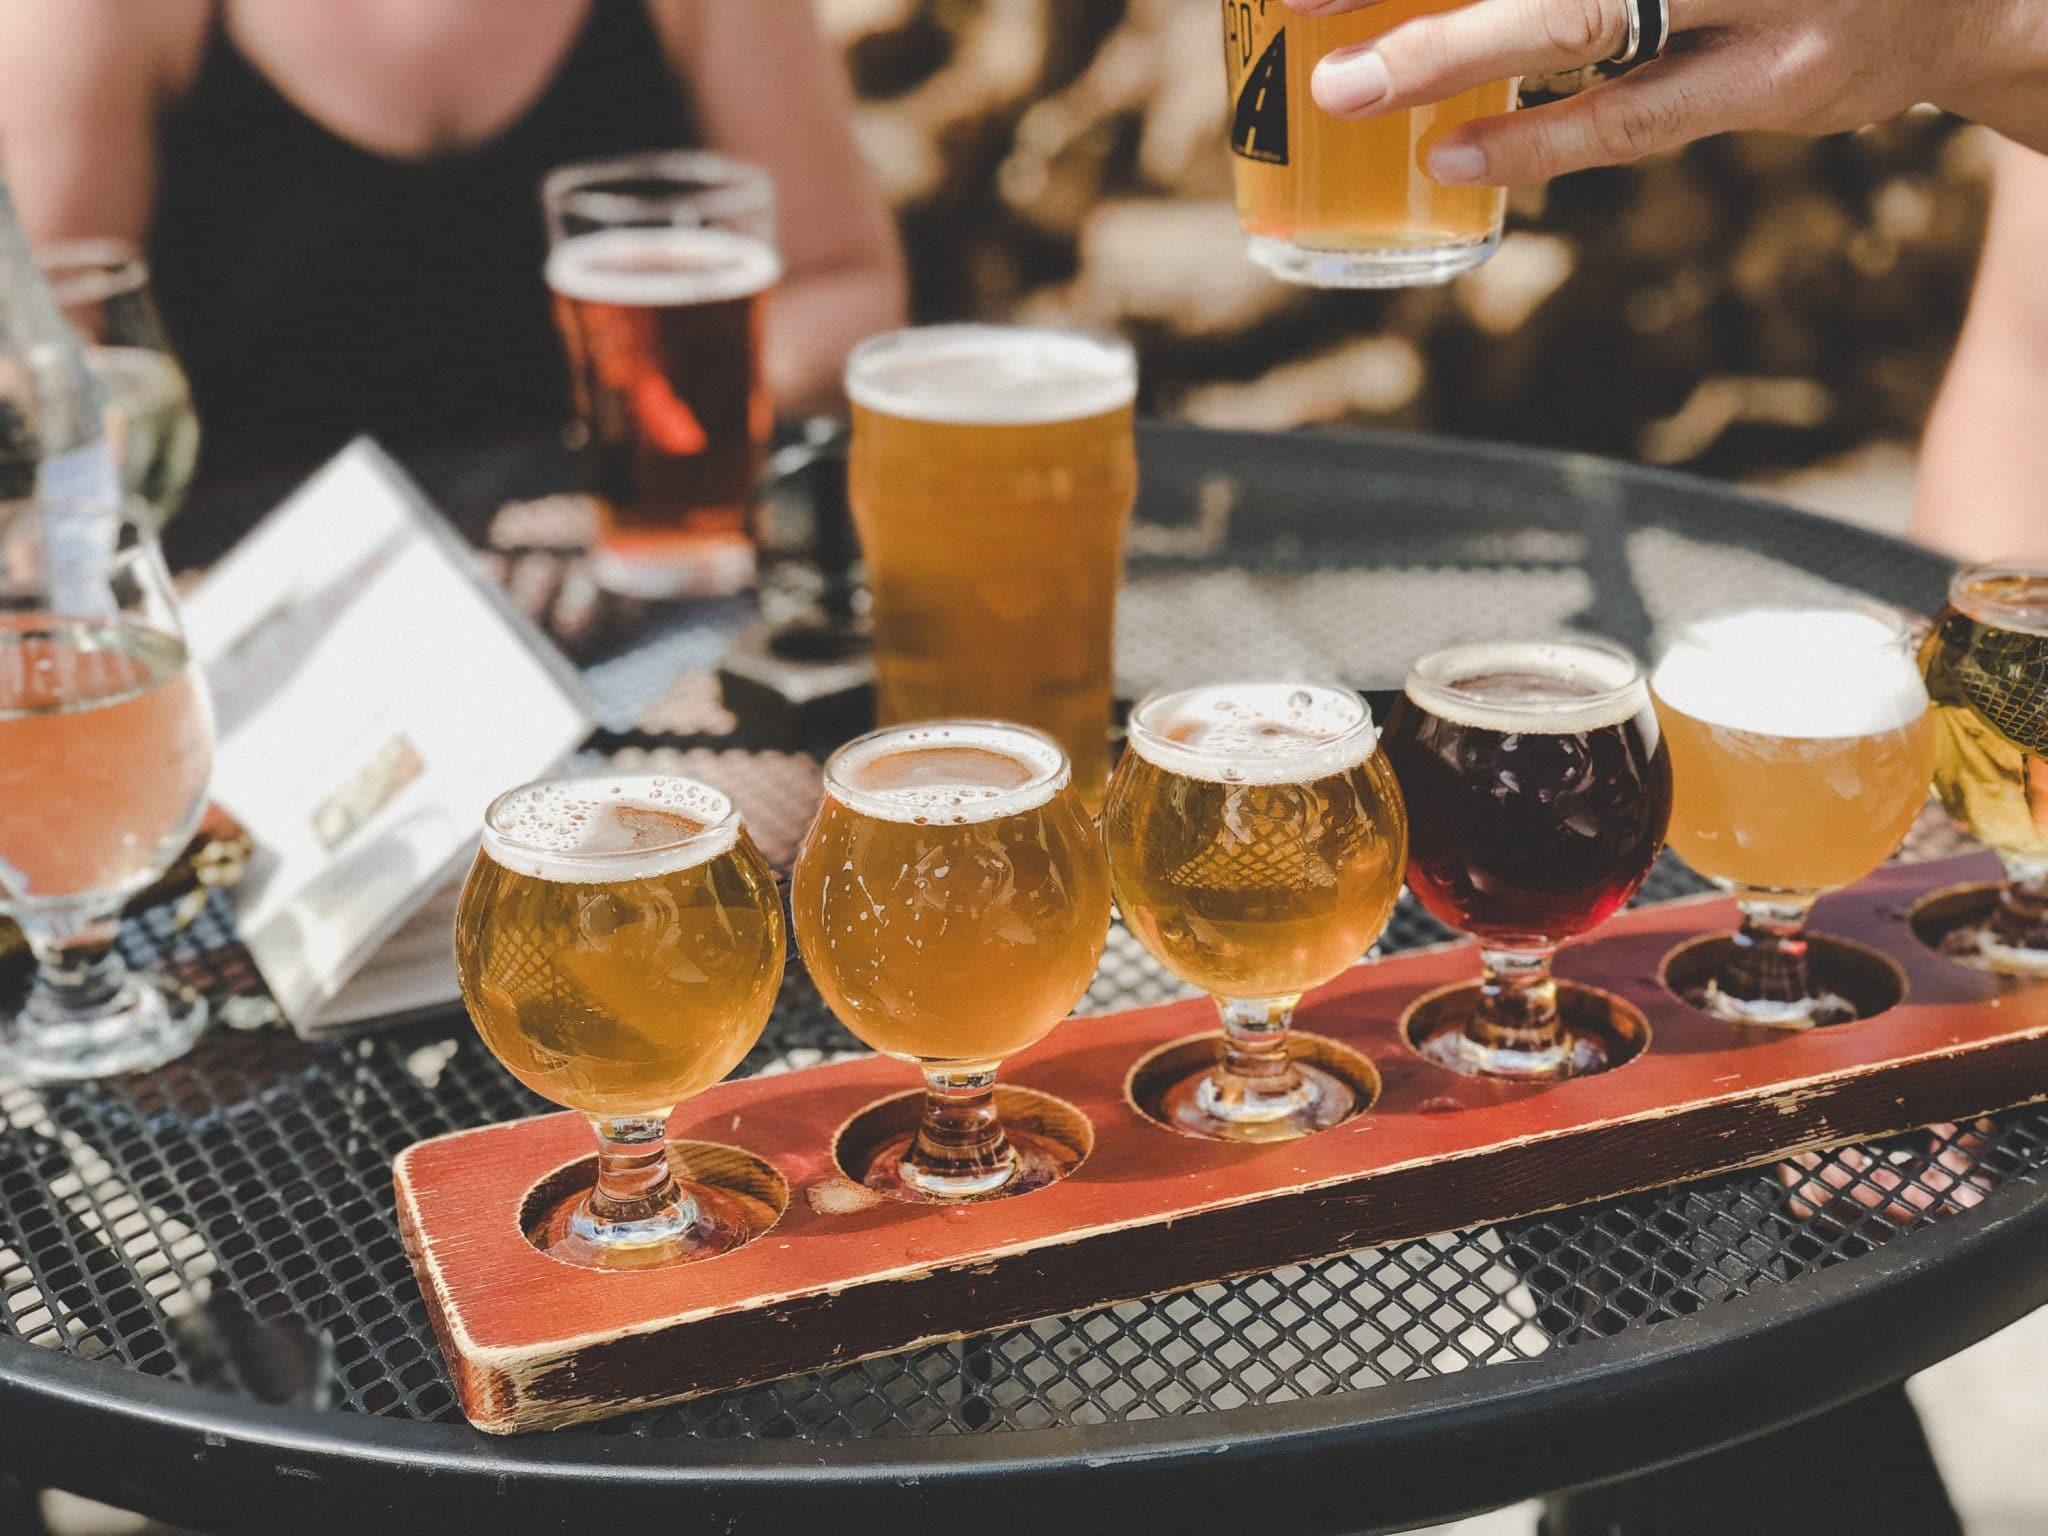 bieres sur une table